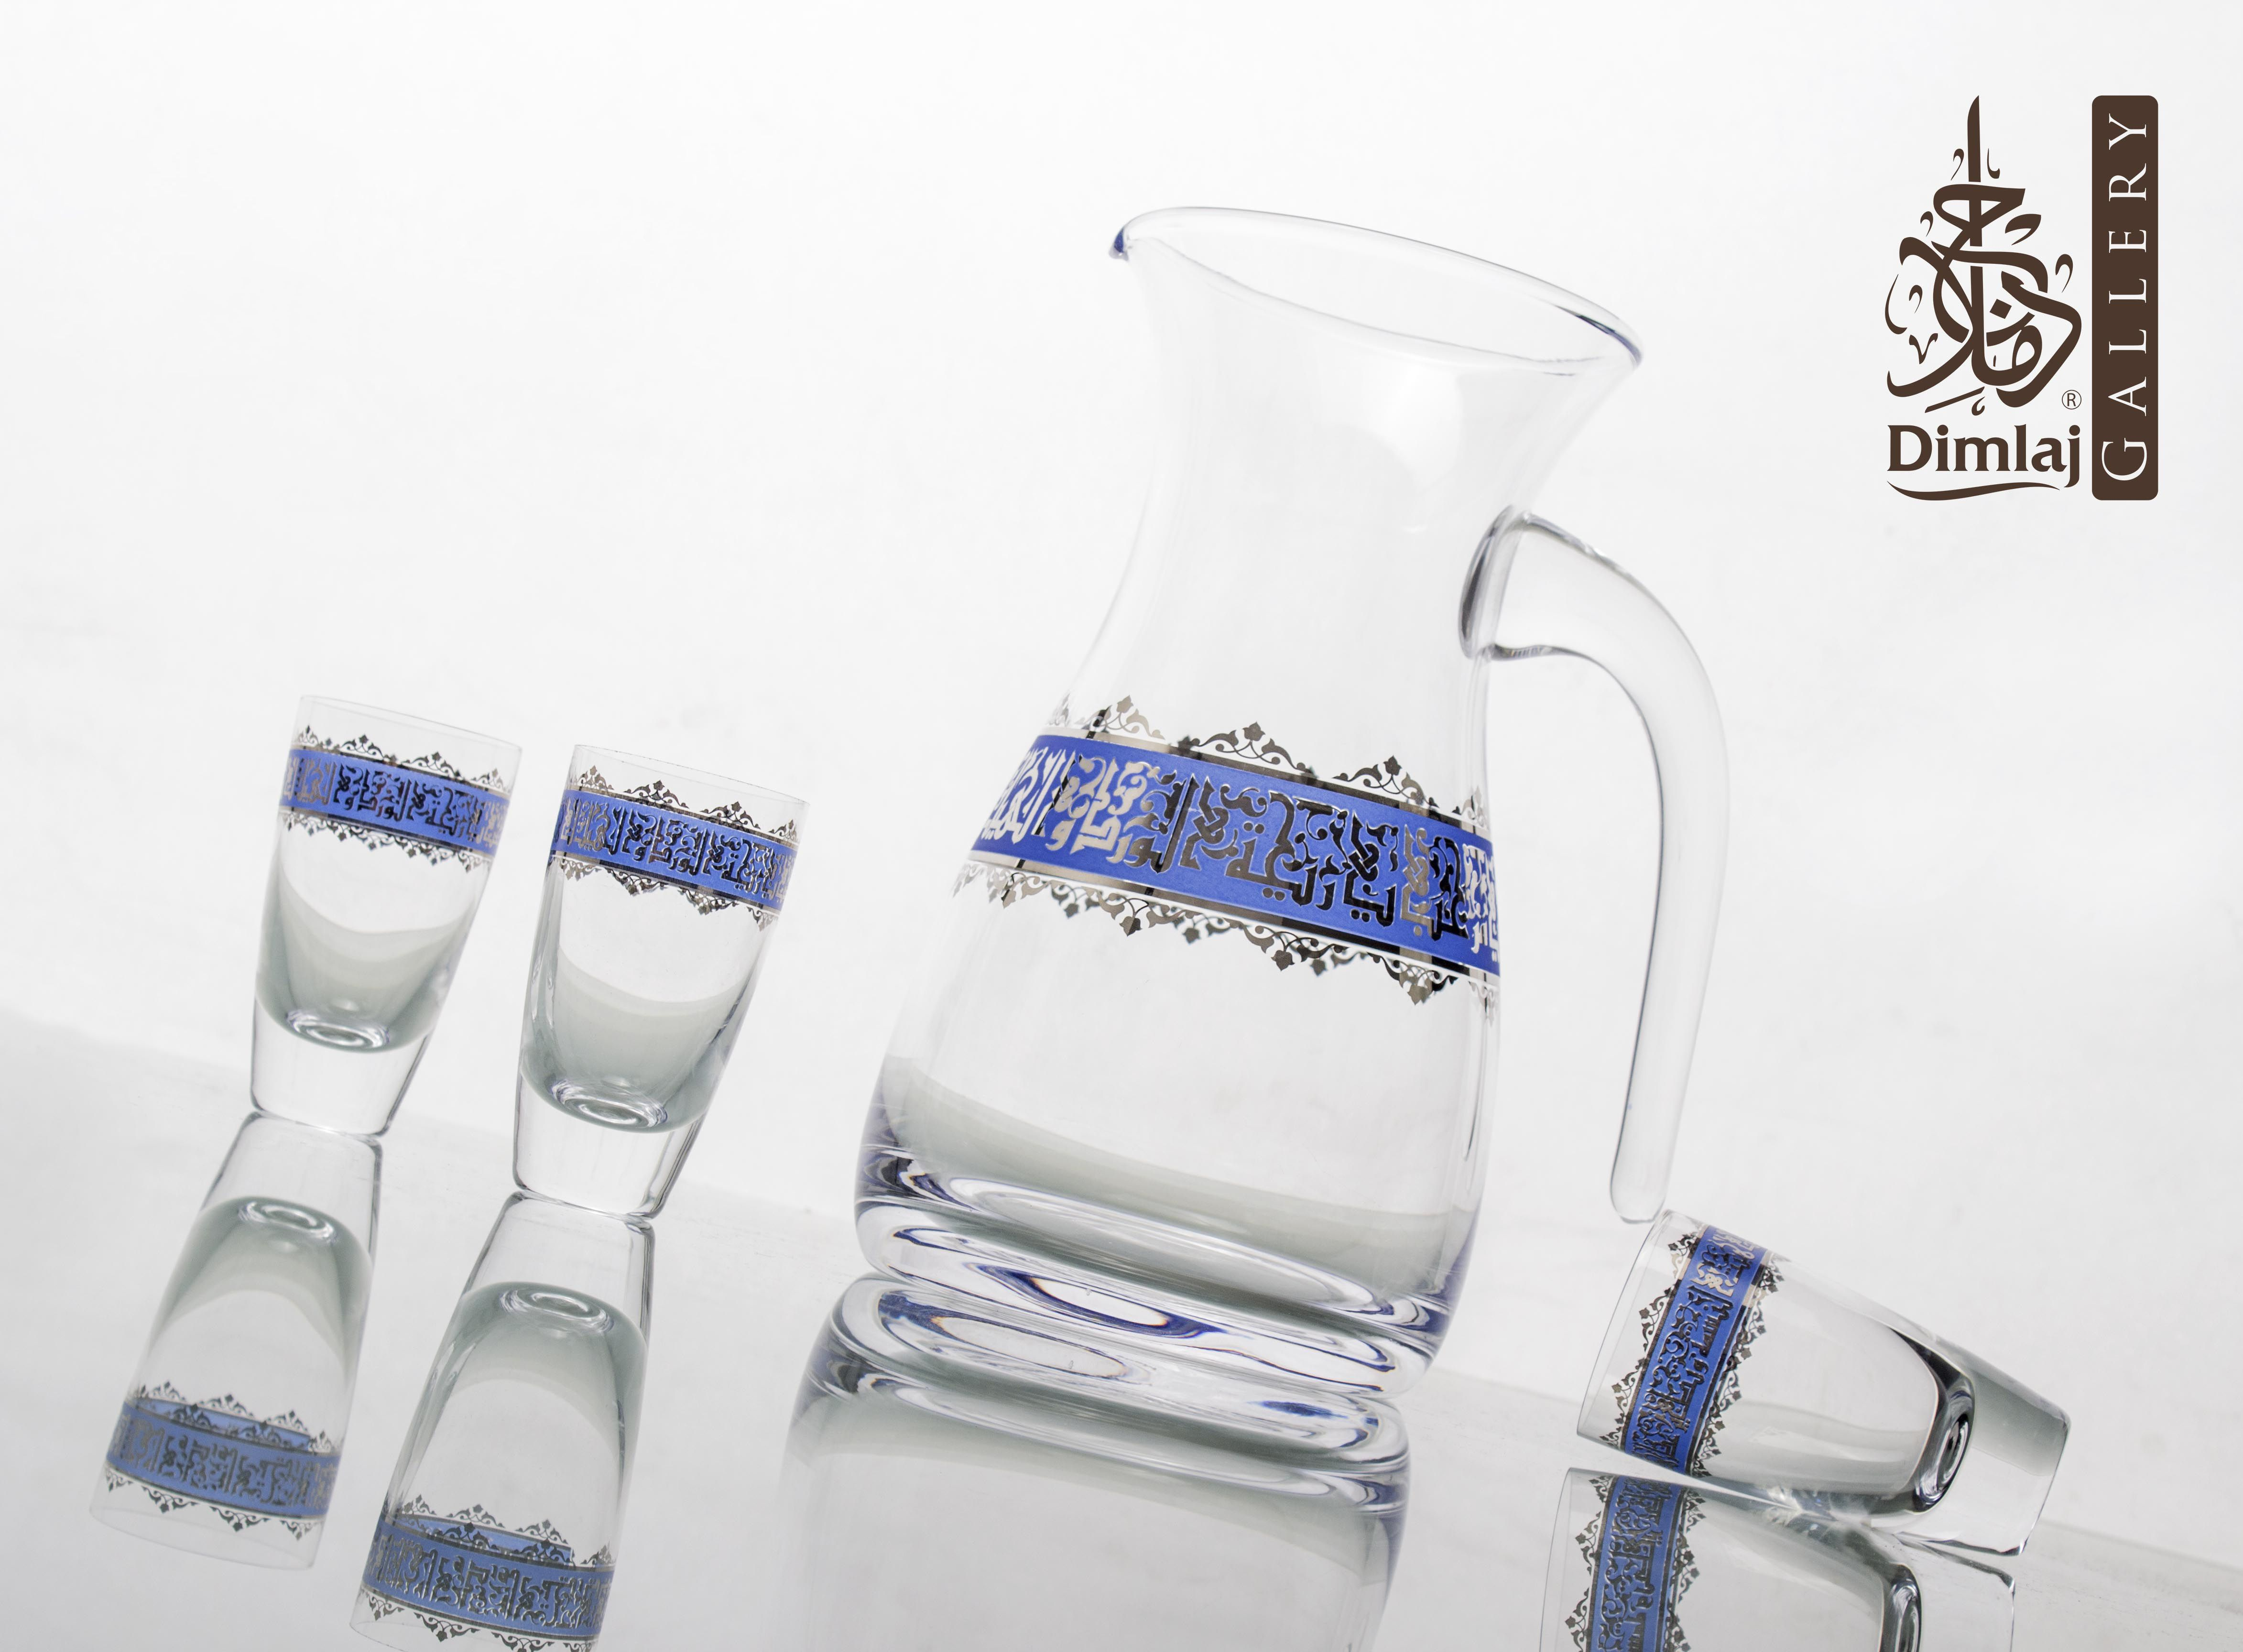 Ward Collection يا مرحبا يا ريحة الورد والهيل لا هبت النسمه وتطايرعطرها Dimlaj Glassware Luxury Decor